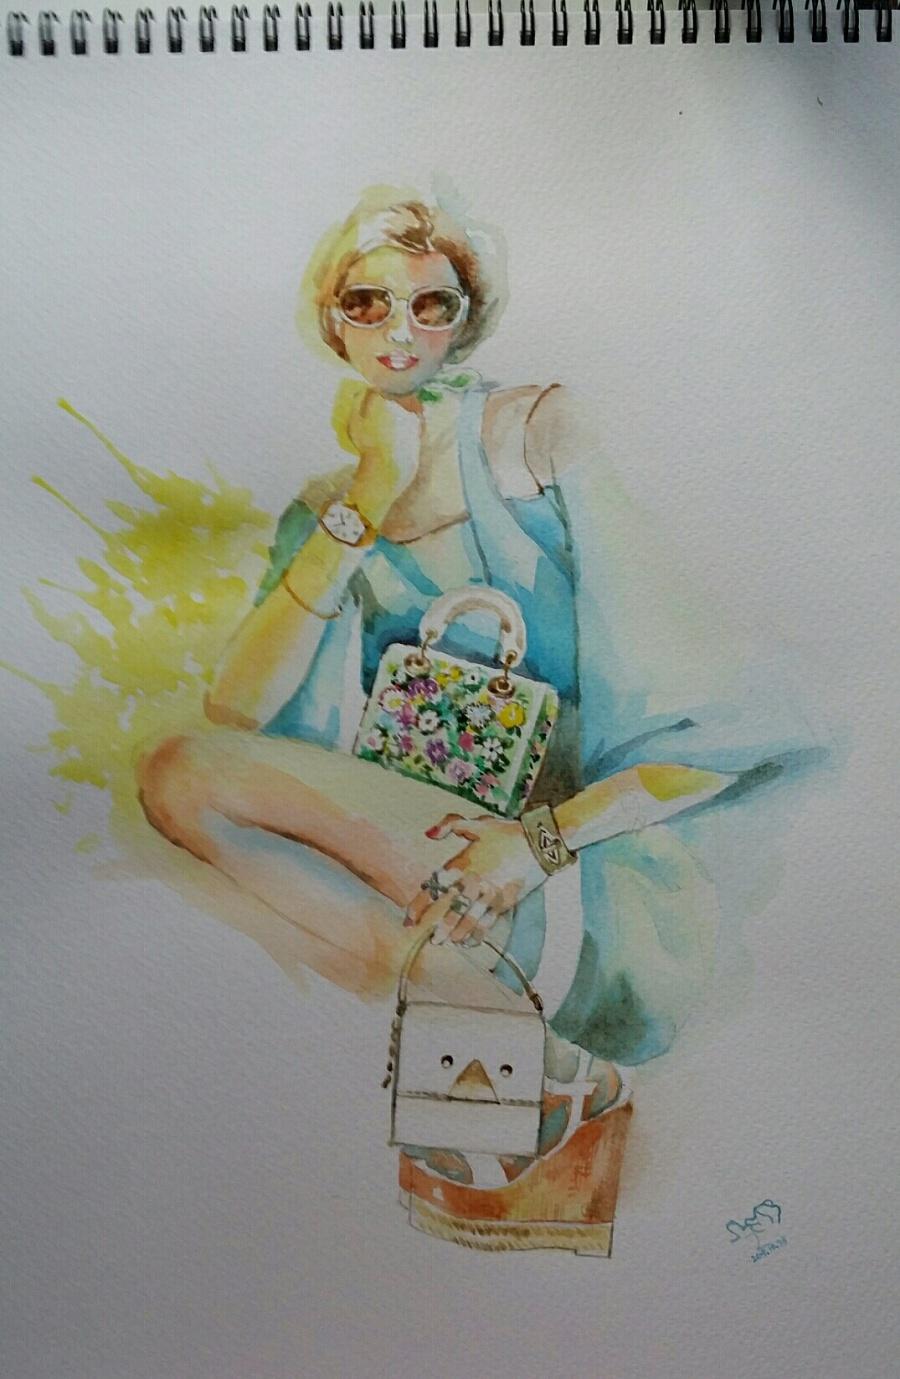 手绘时装插画(女装)|休闲/流行服饰|服装|箐蛙